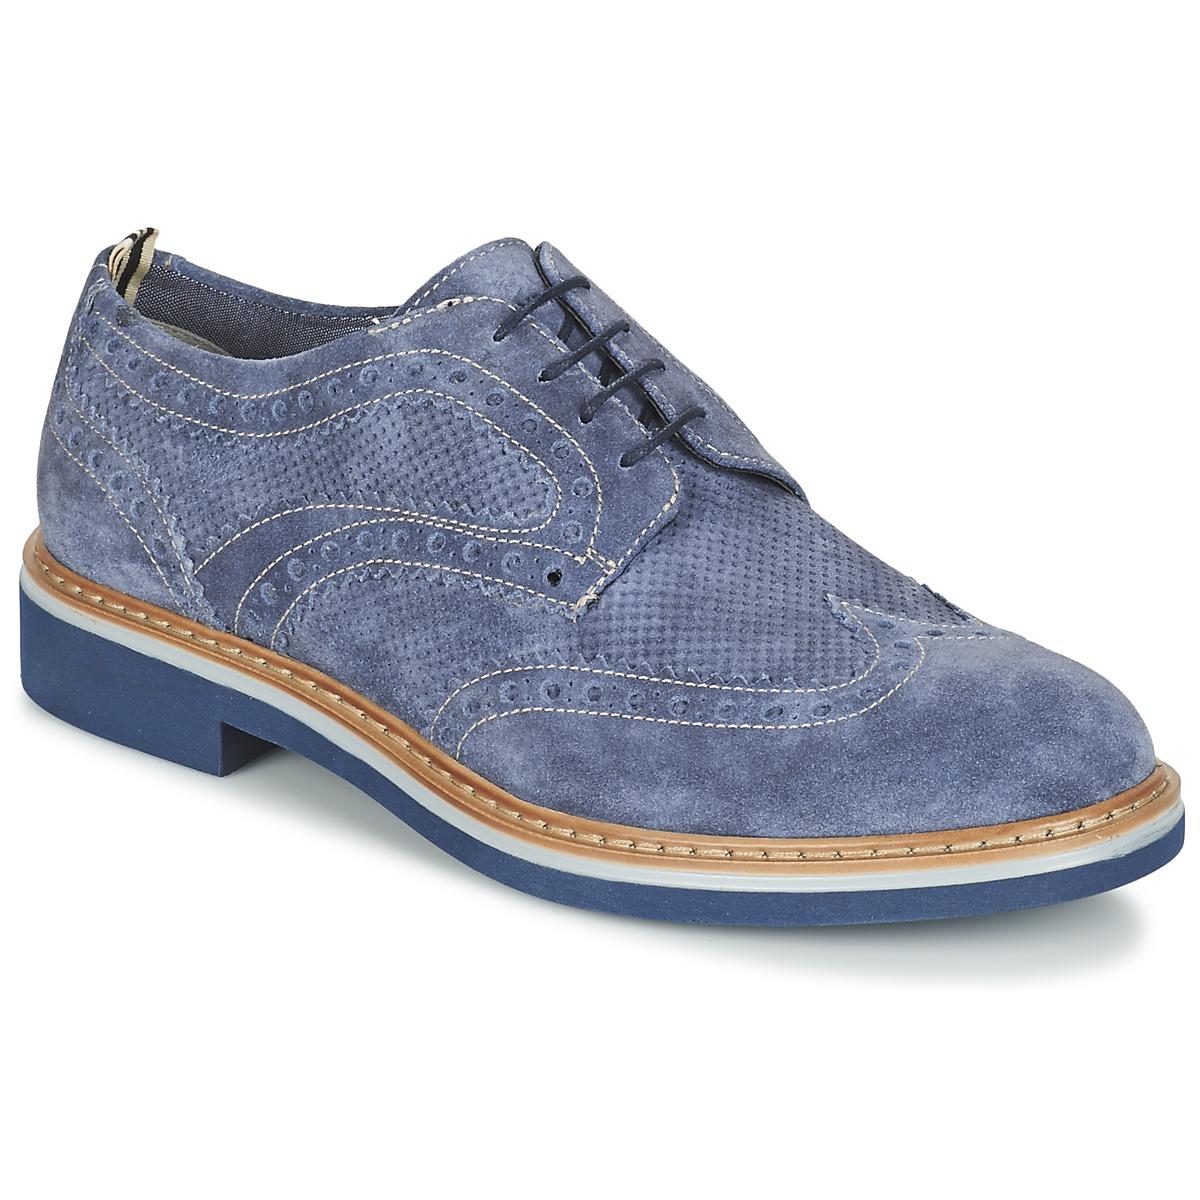 Stonefly ALBY Blau - Kostenloser Versand bei Spartoode ! - Schuhe Derby-Schuhe Damen 76,90 €